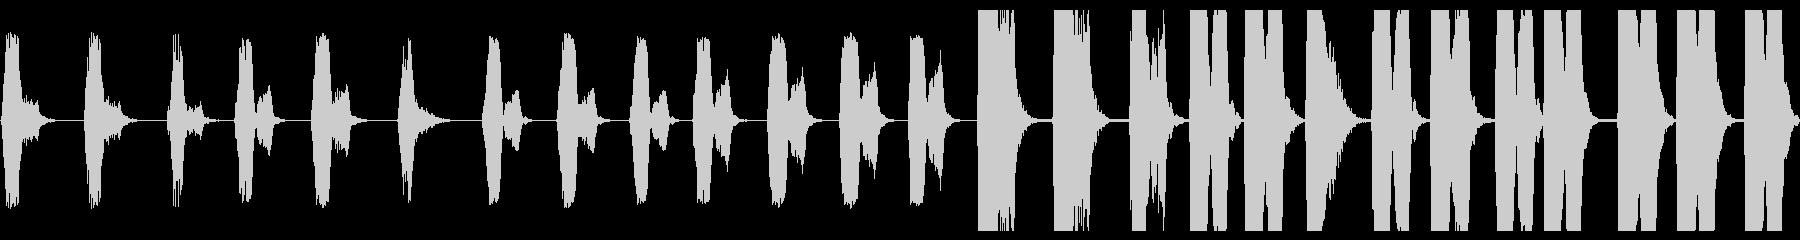 サブ周波数ブームトラック:低音のガ...の未再生の波形